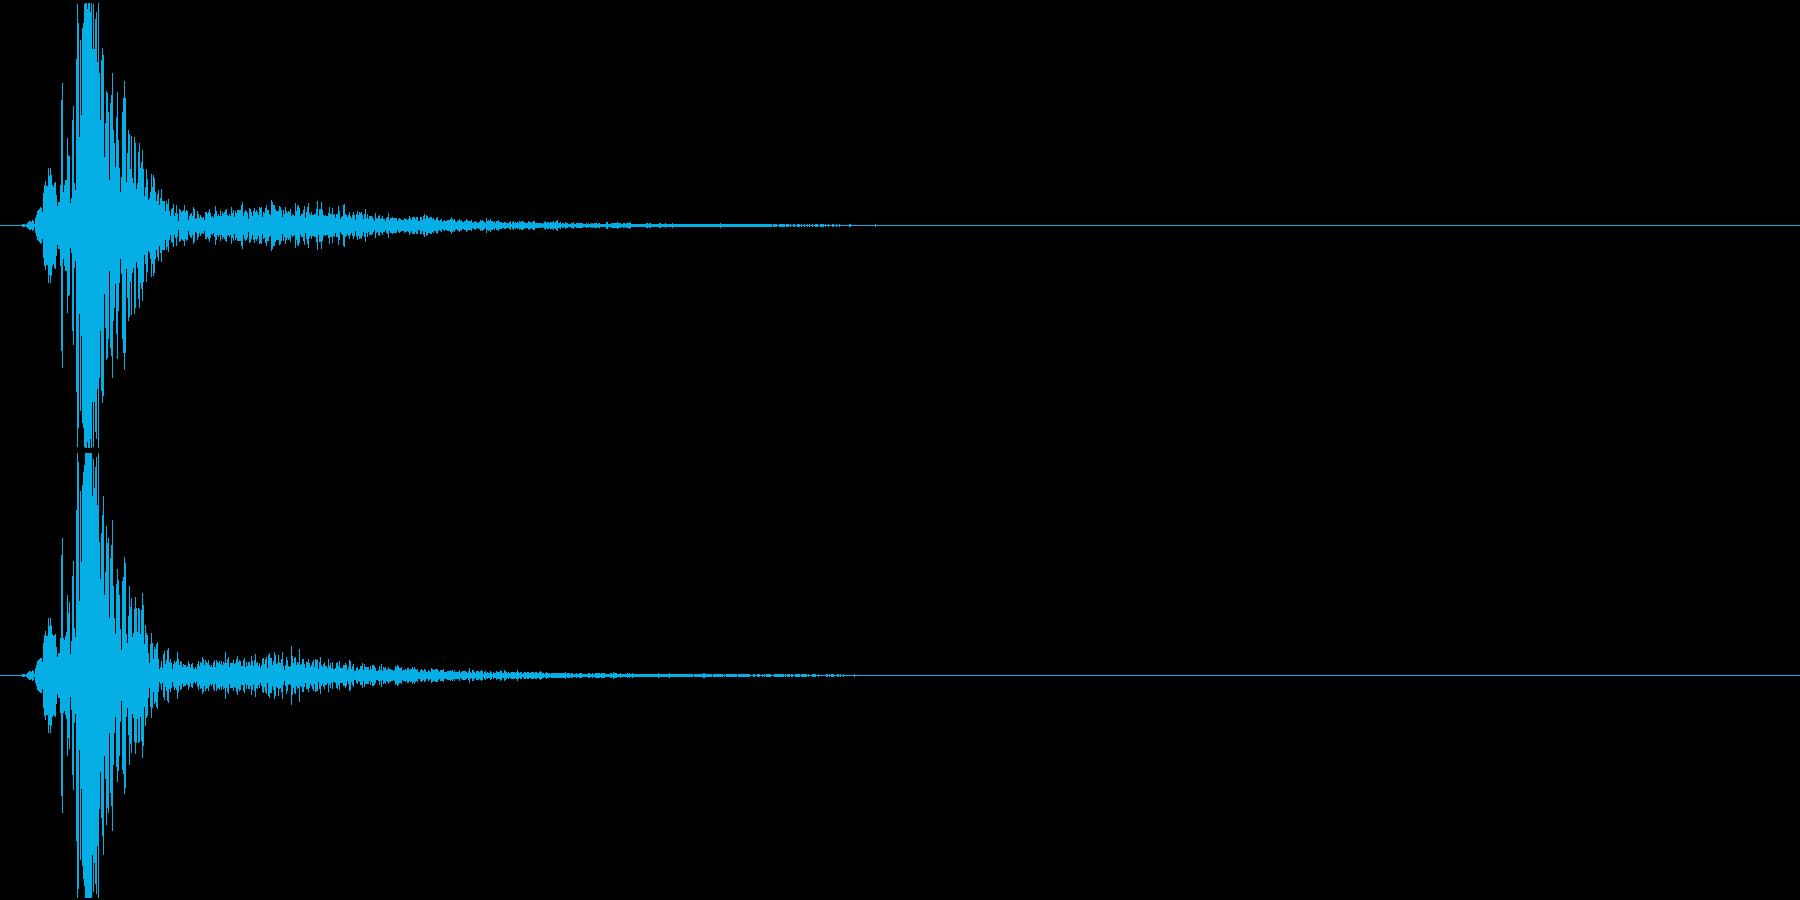 KAKUGE 格闘ゲーム戦闘音 45の再生済みの波形